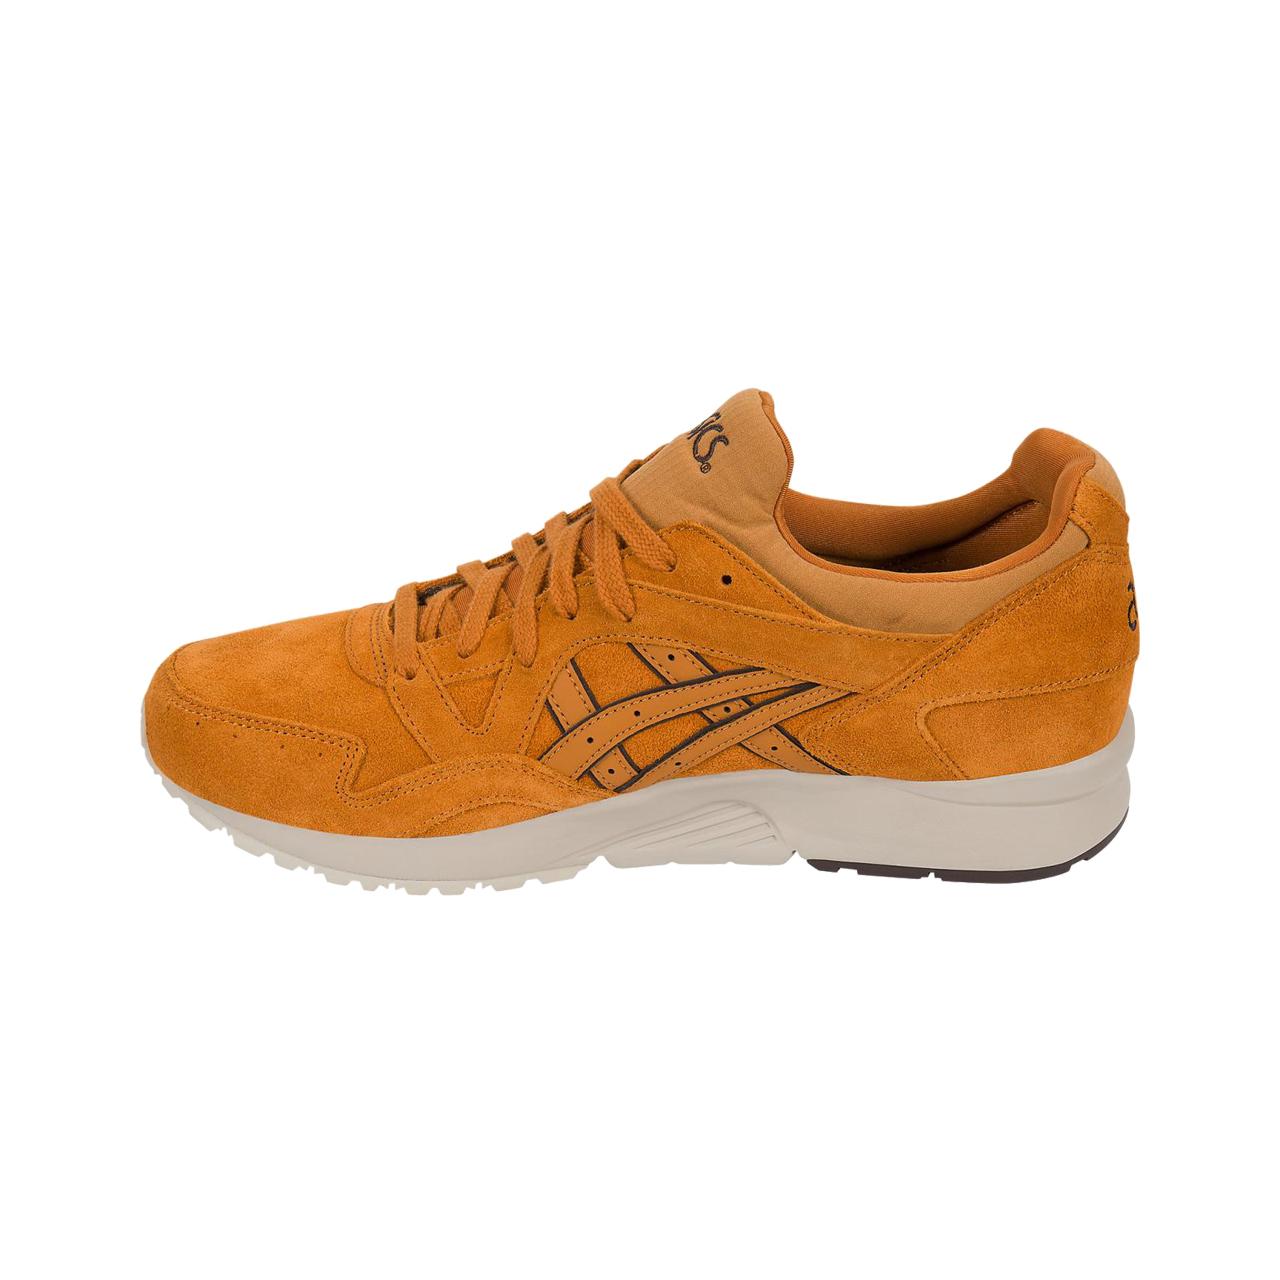 قیمت کفش مخصوص دویدن مردانه اسیکس مدل Gel Lyte V